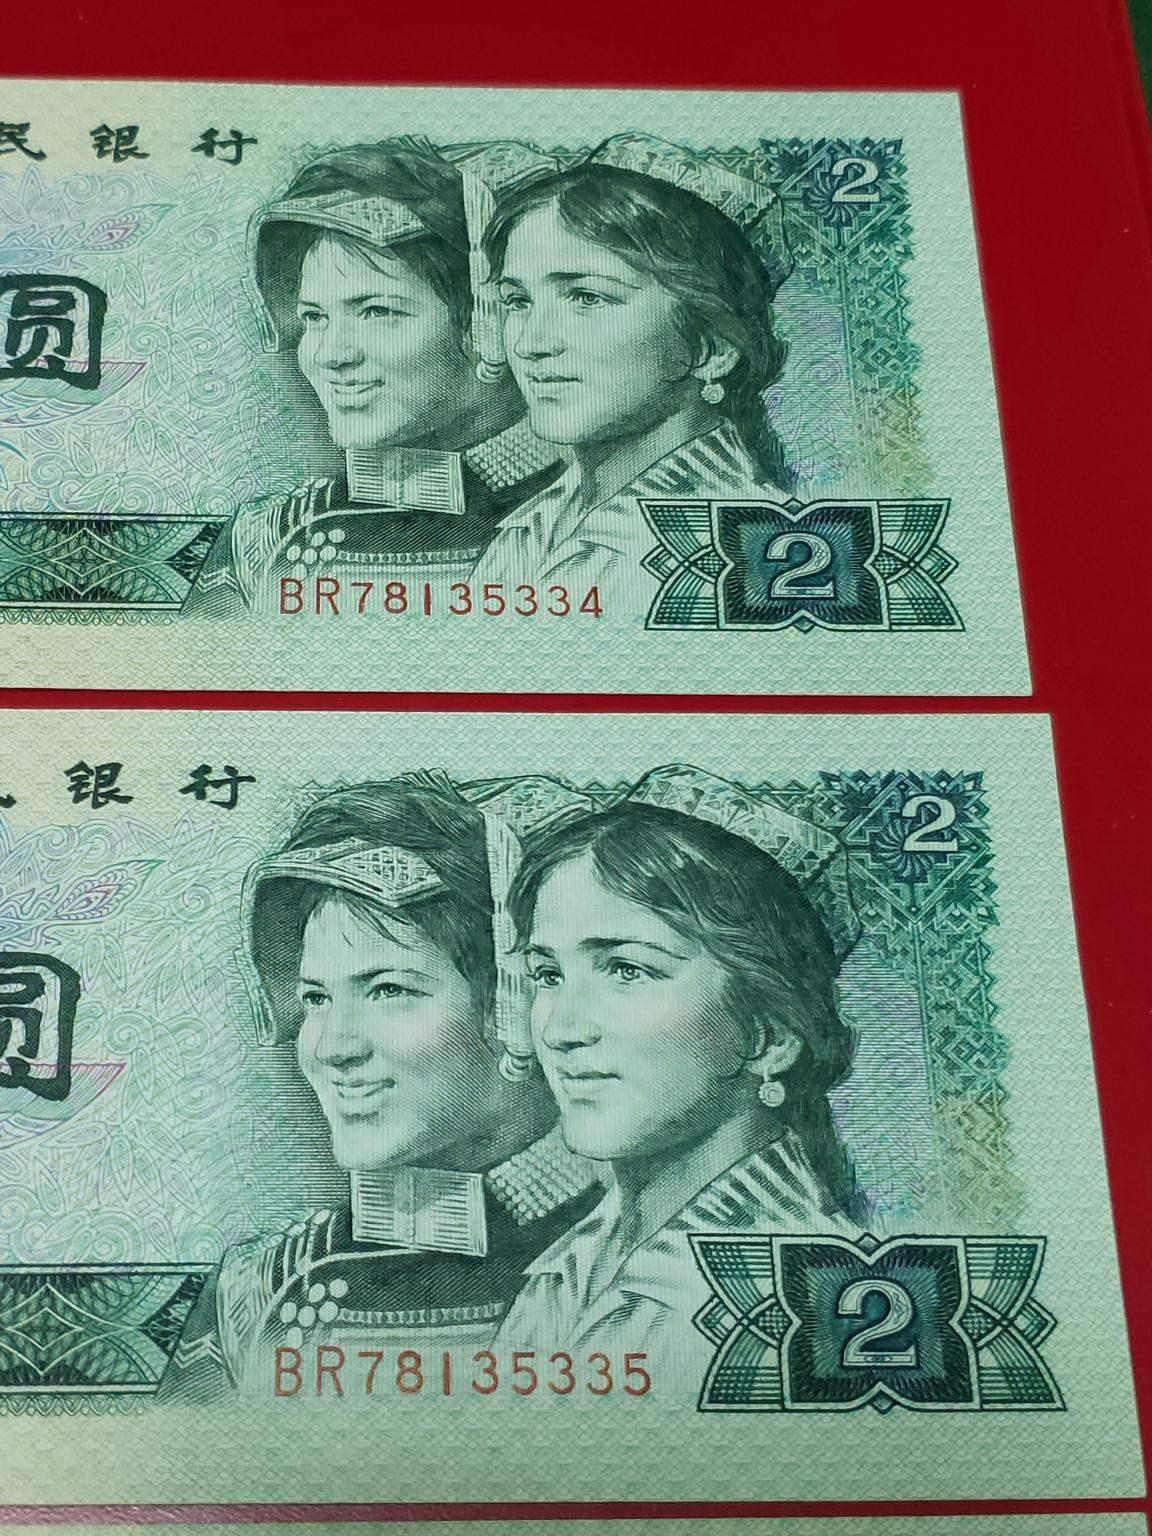 紙幣收藏网推荐,新手必备的四种收藏方式